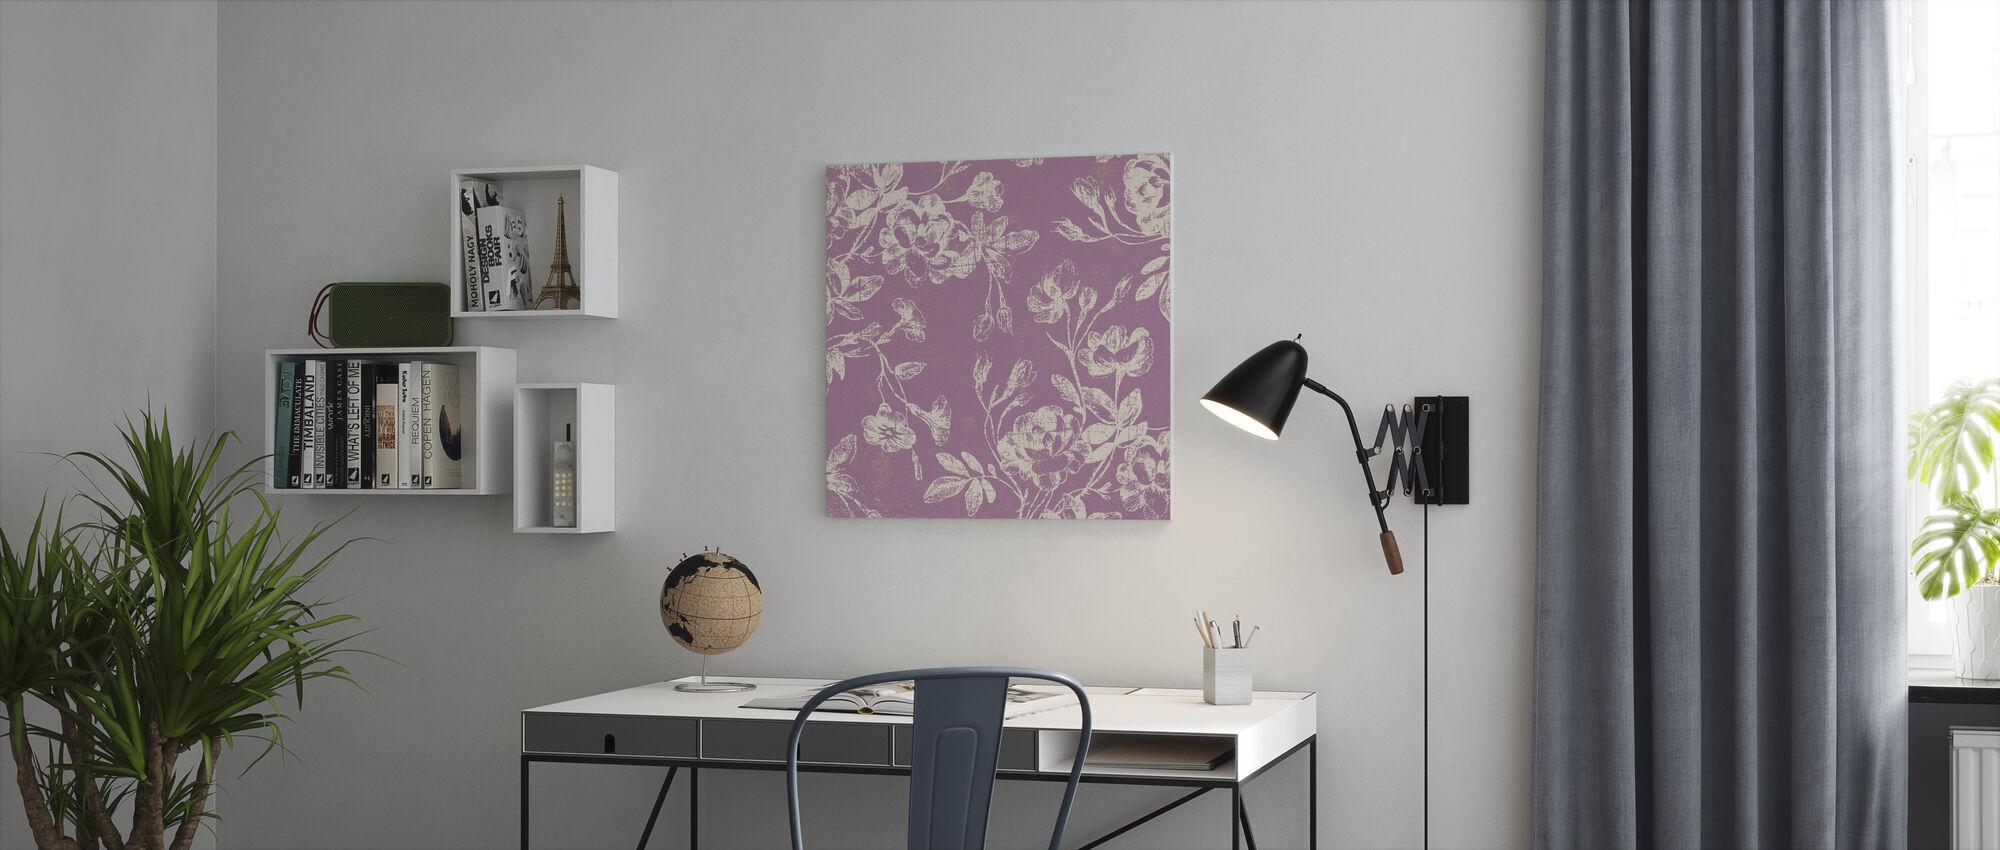 Vaaleanpunaiset kukat - Canvastaulu - Toimisto